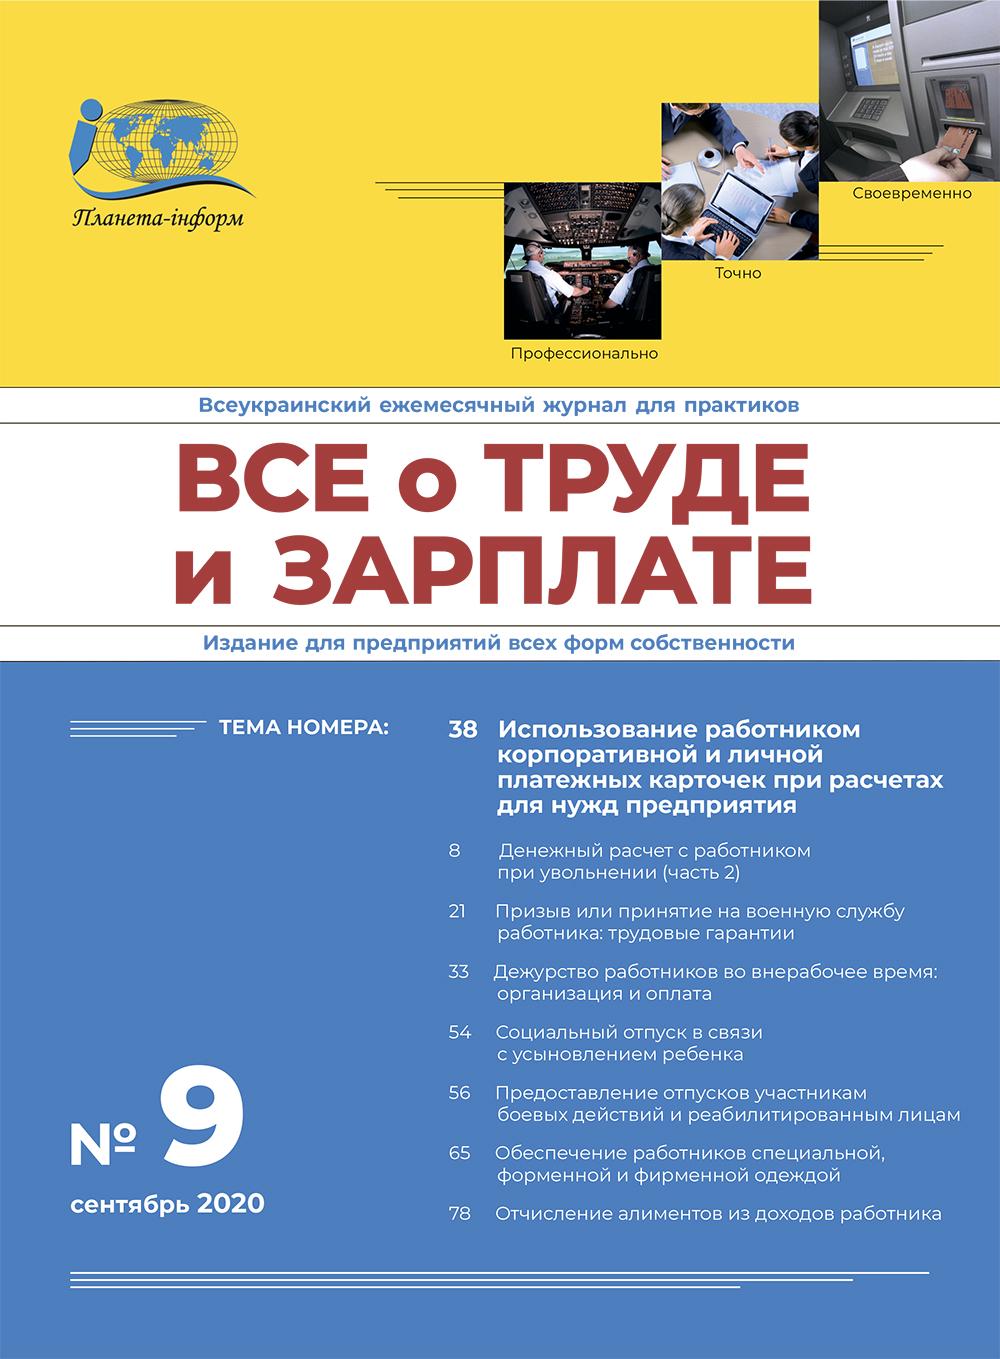 Журнал «Все о труде и зарплате» № 9/2020